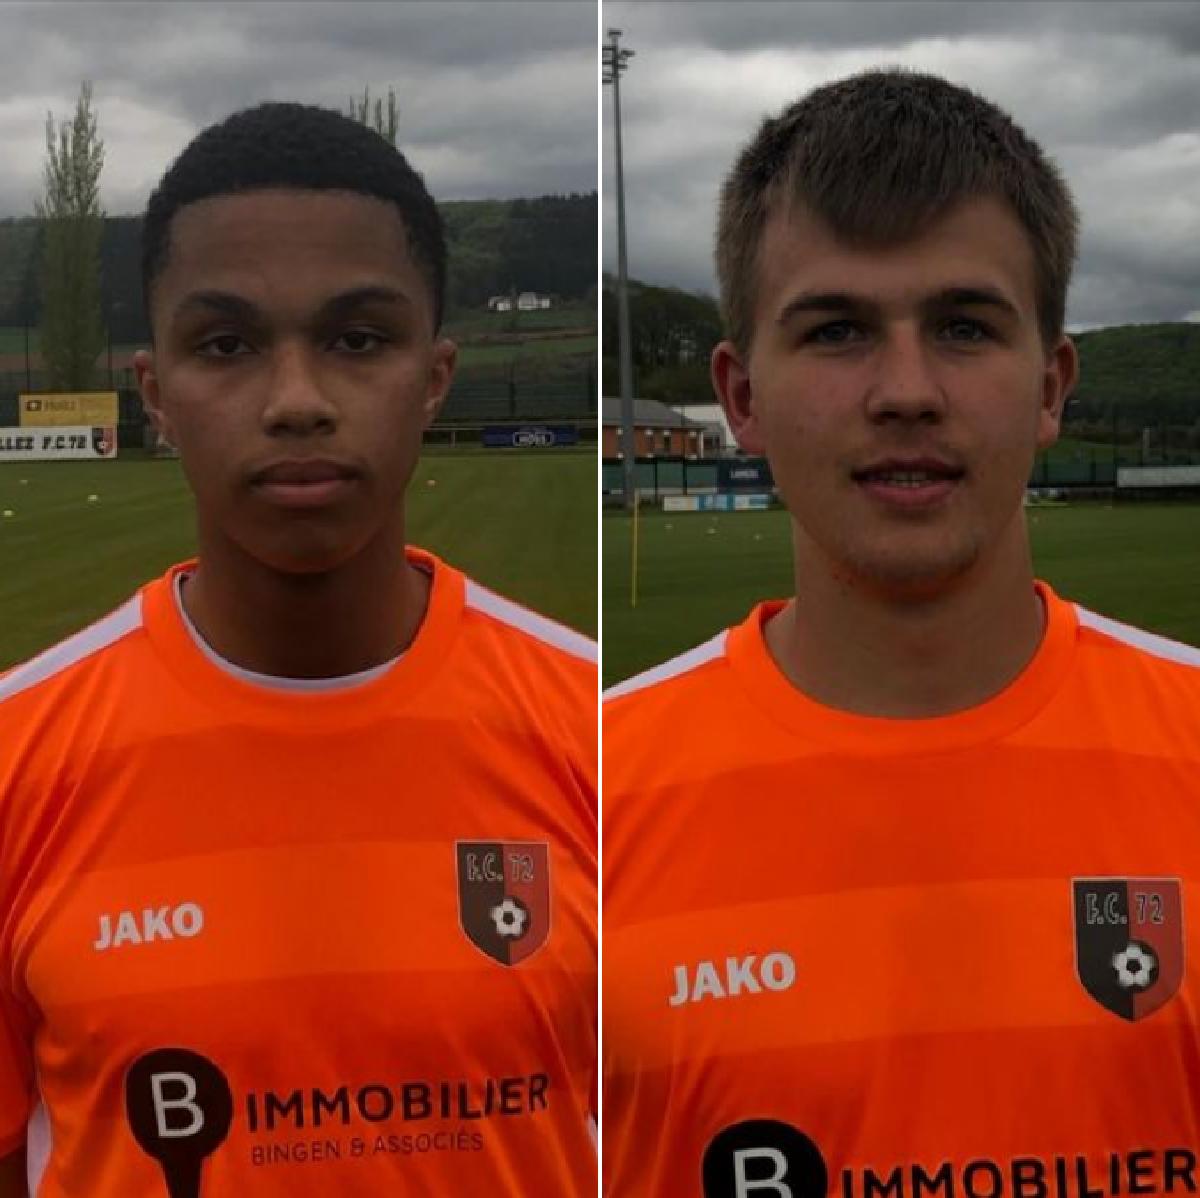 Transfert News: Andre Fortes Da Cruz vum FC Etzella an den Ben Schaul vum FC47 Bastendorf